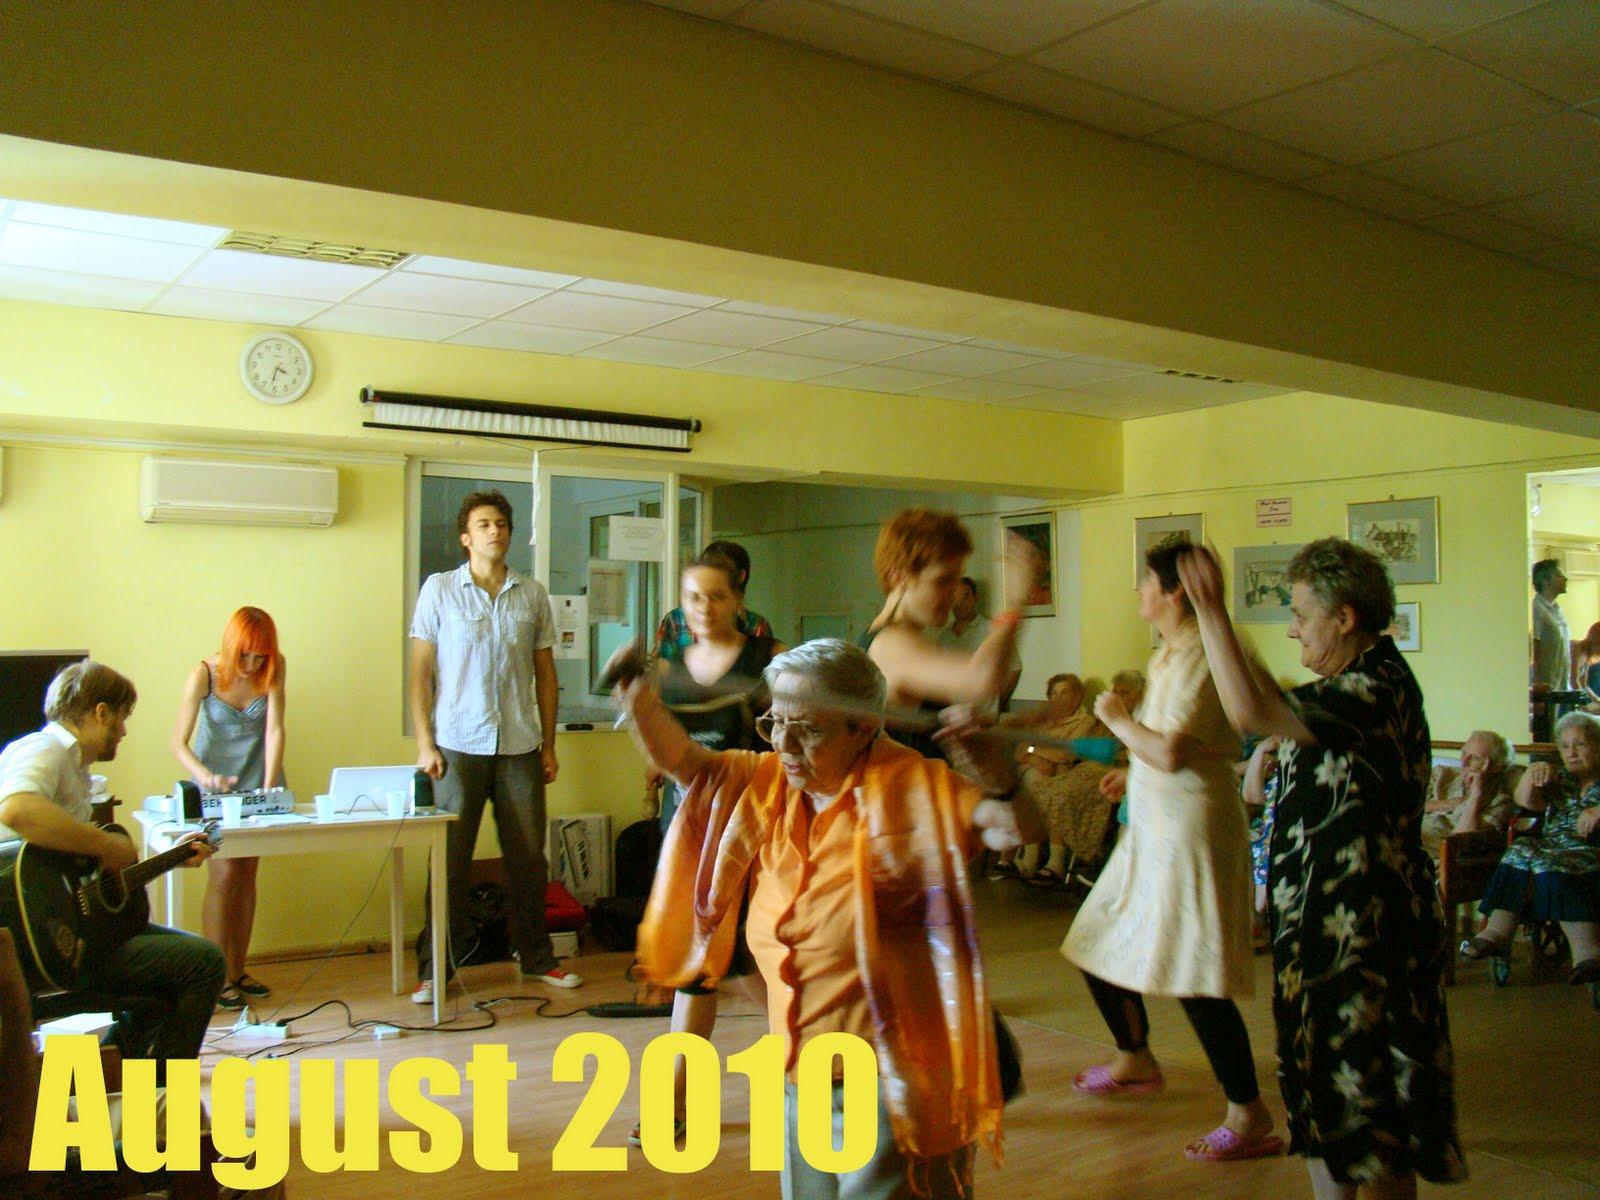 VARSTA A PATRA: AUGUST 2009 - AUGUST 2010. 1 an de ...